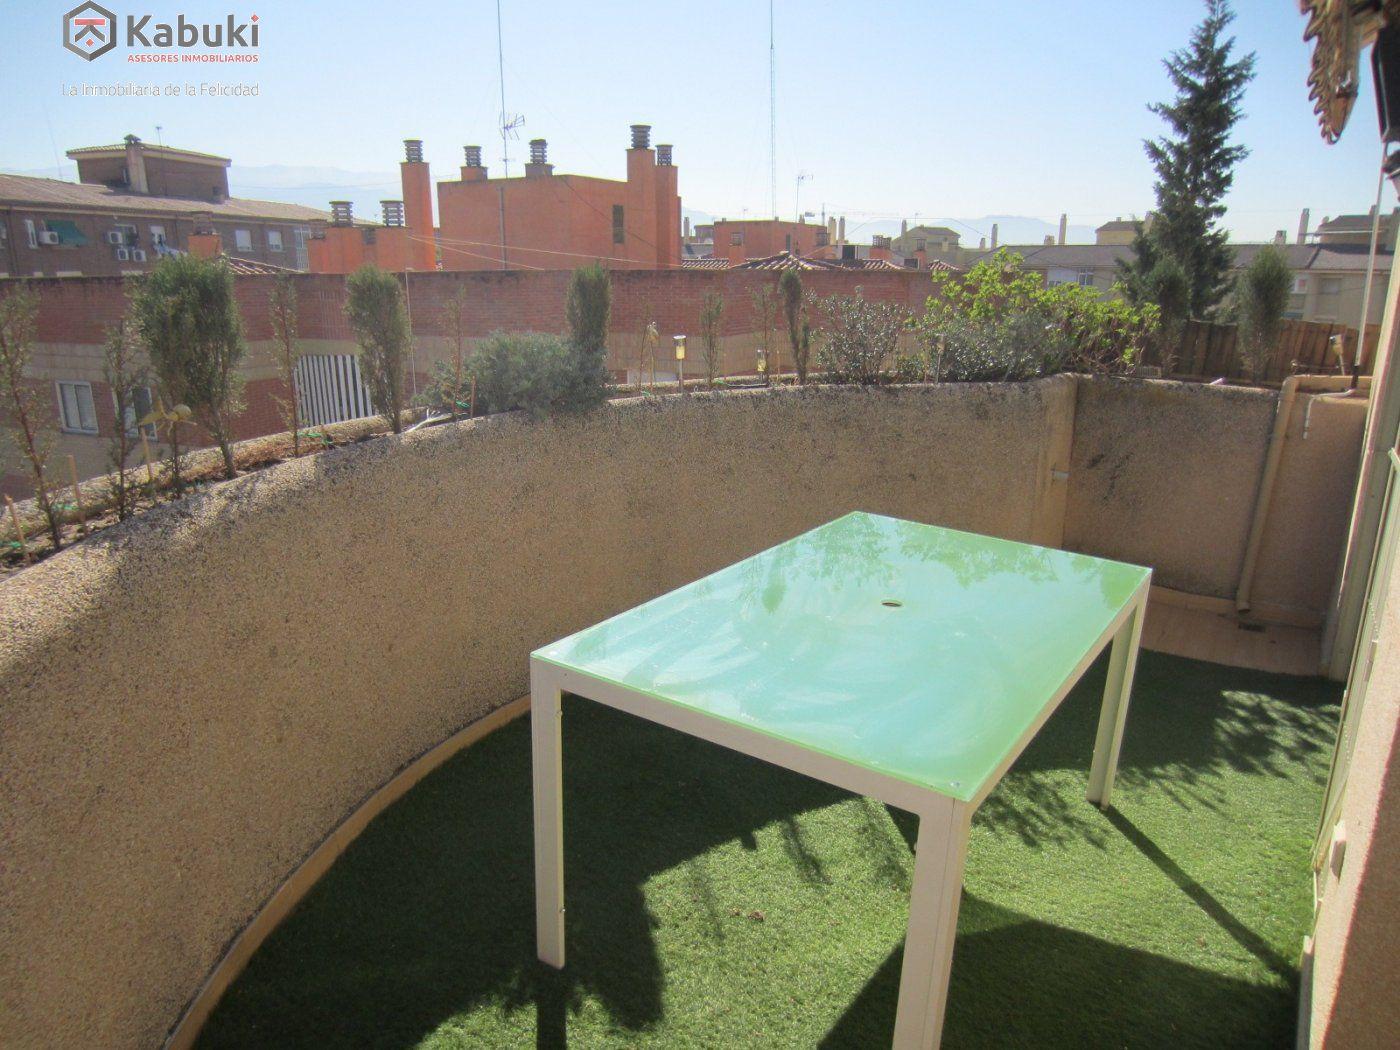 Ático con vistas despejadas en zona residencial, 3 dormitorios, inmejorables calidades - imagenInmueble3